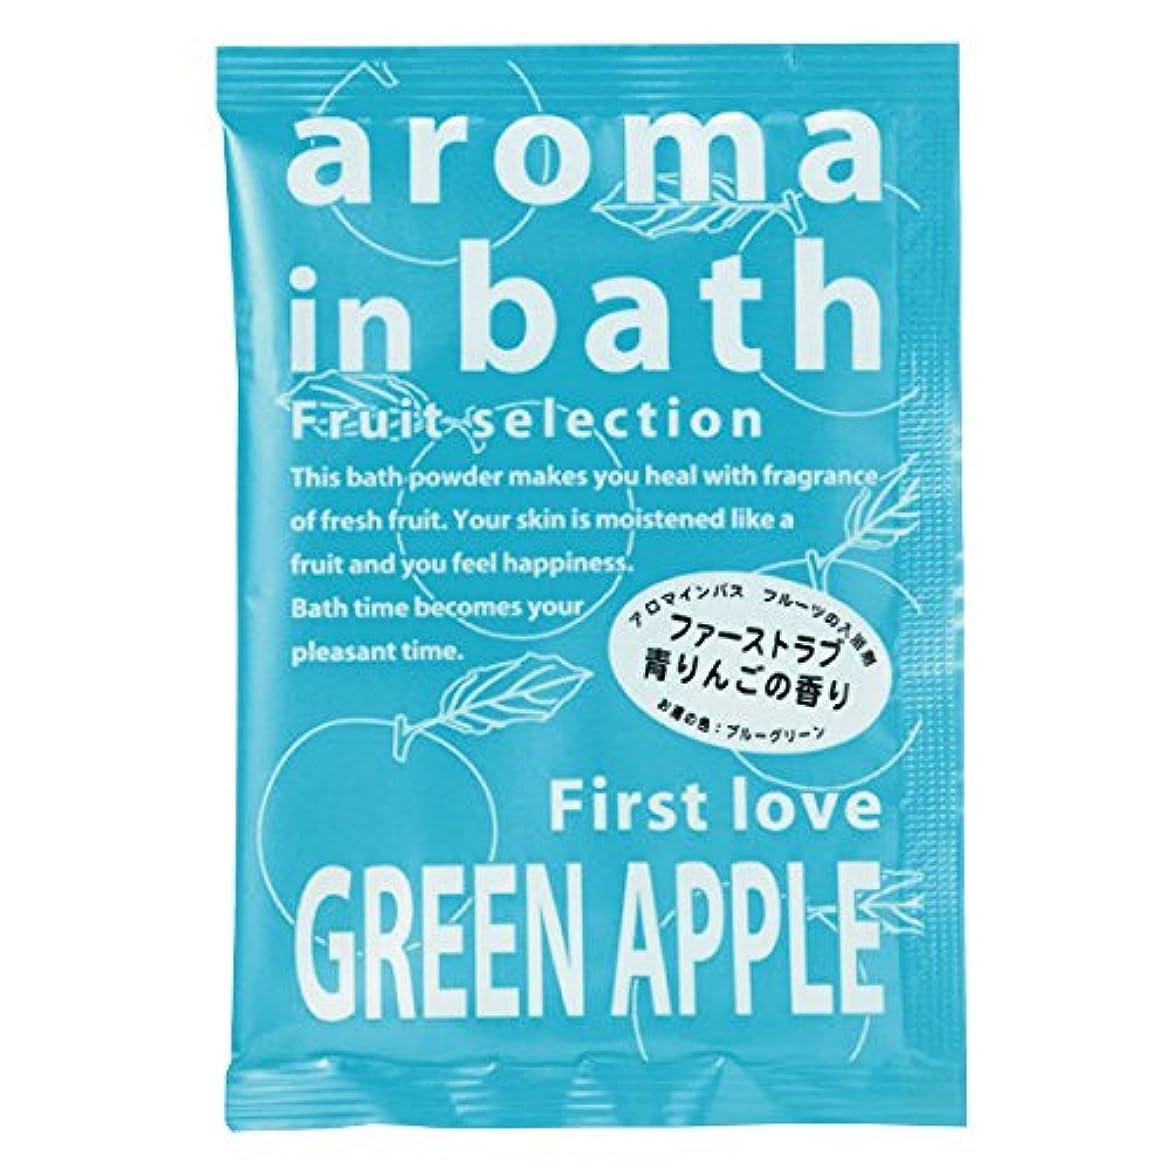 争い処理ガロン入浴剤 アロマインバス(グリ-ンアップルの香り)25g